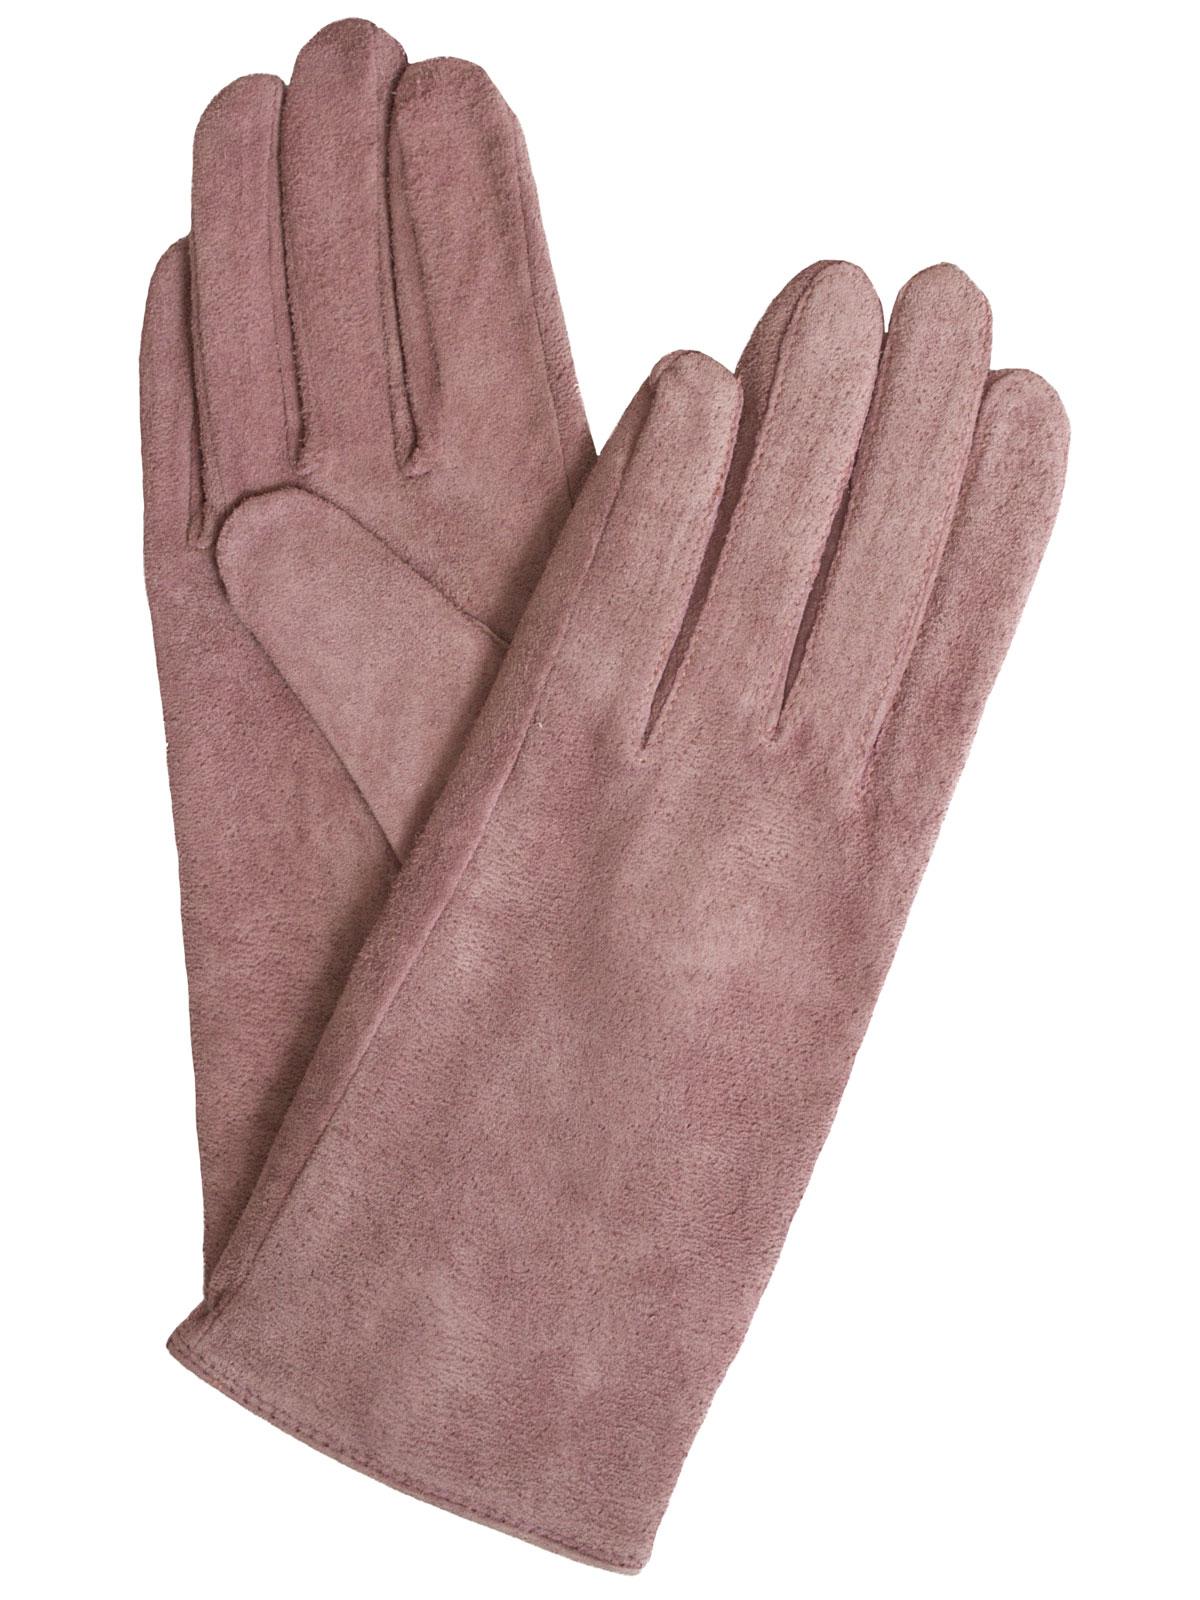 dbda0d5898d Dents Womens Suede Gloves, classic style - Tout Ensemble